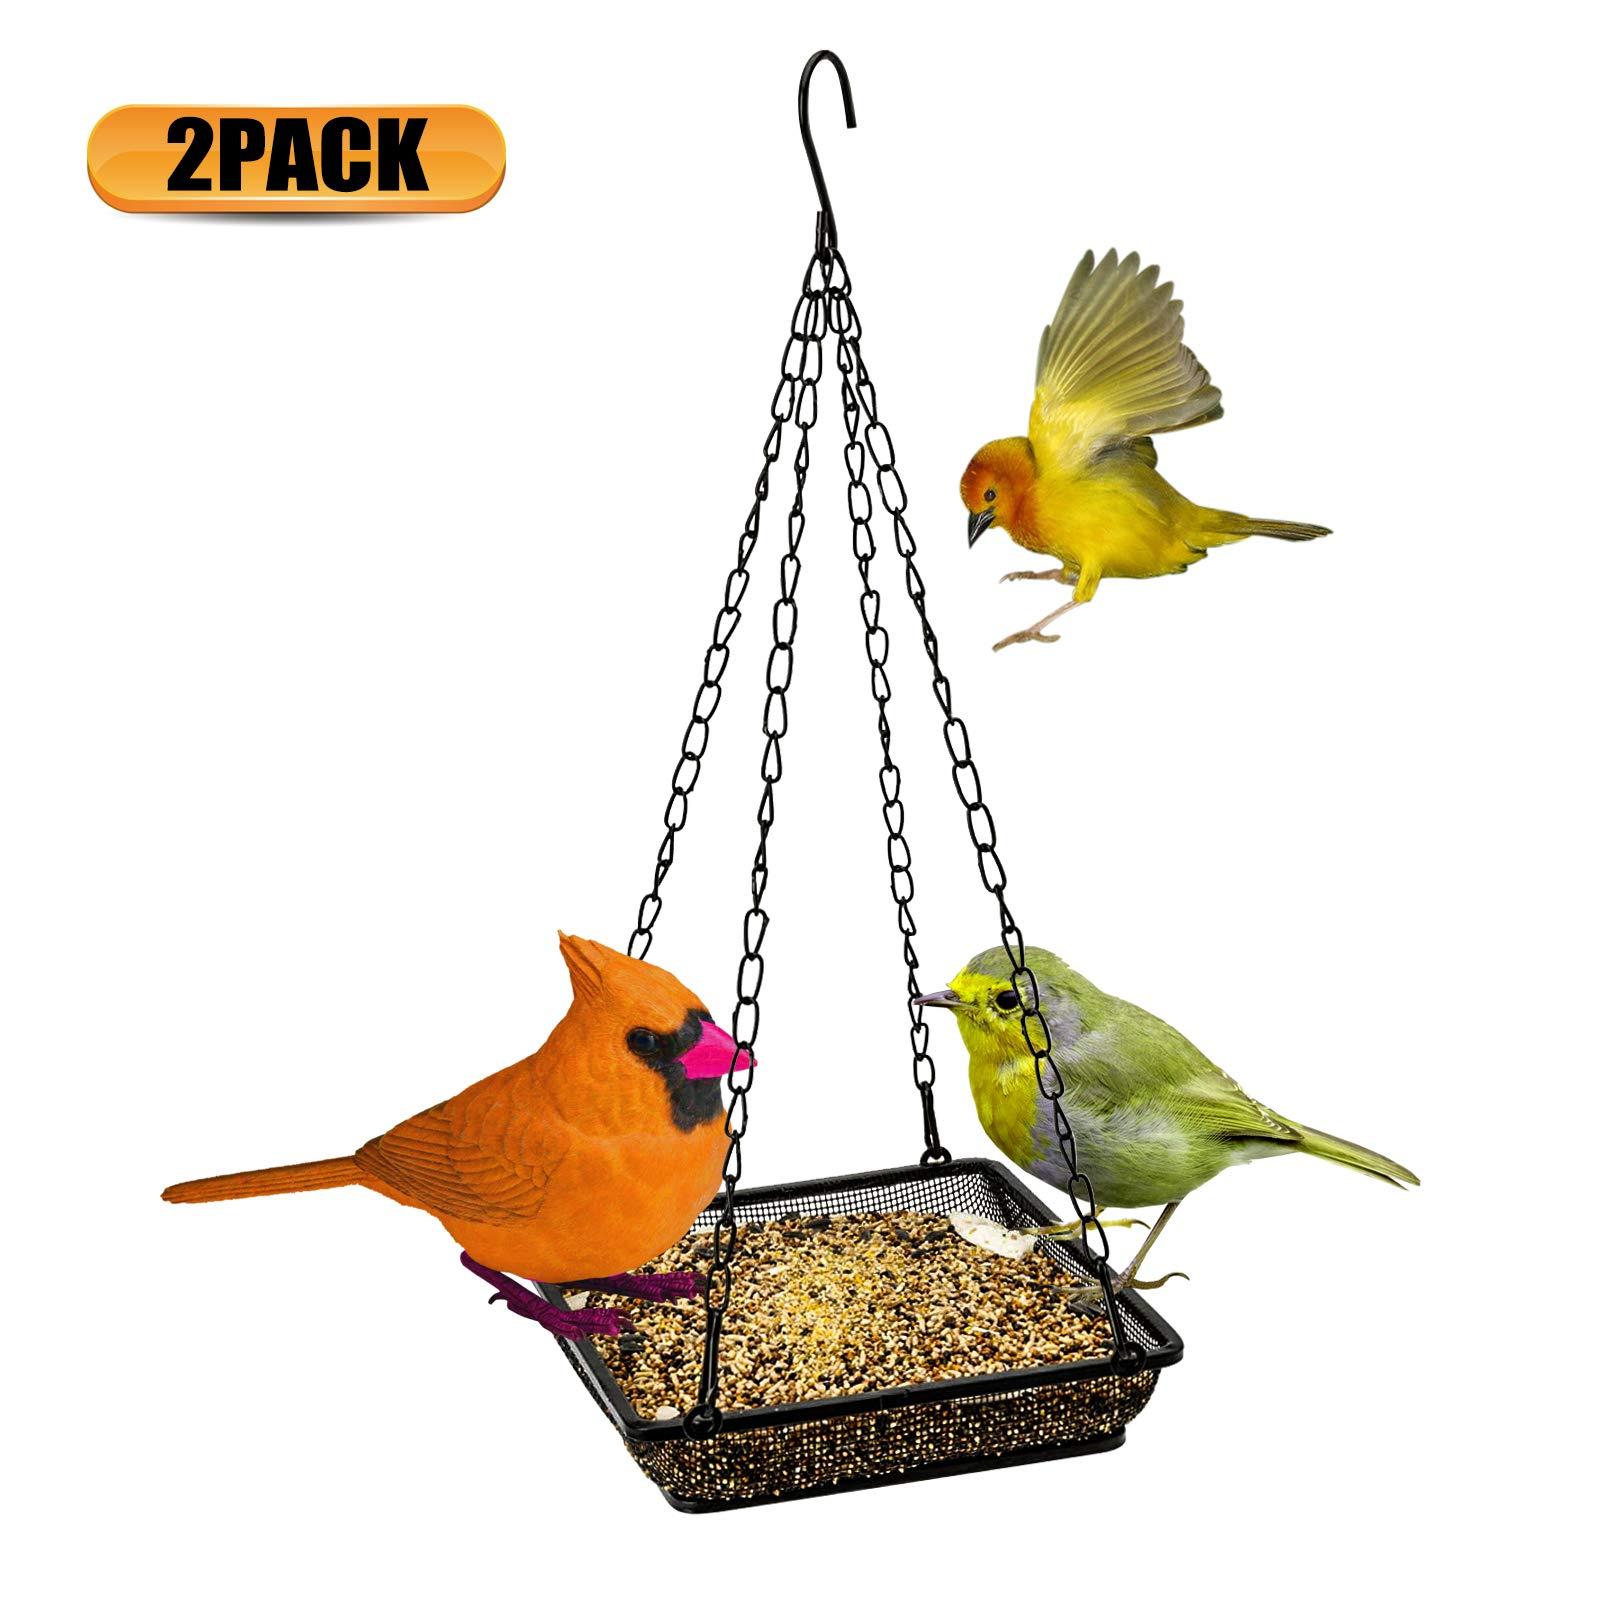 2pcs Outdoor Wild Bird Feeder Squirrel Proof Garden Food Tree Hanging Patio